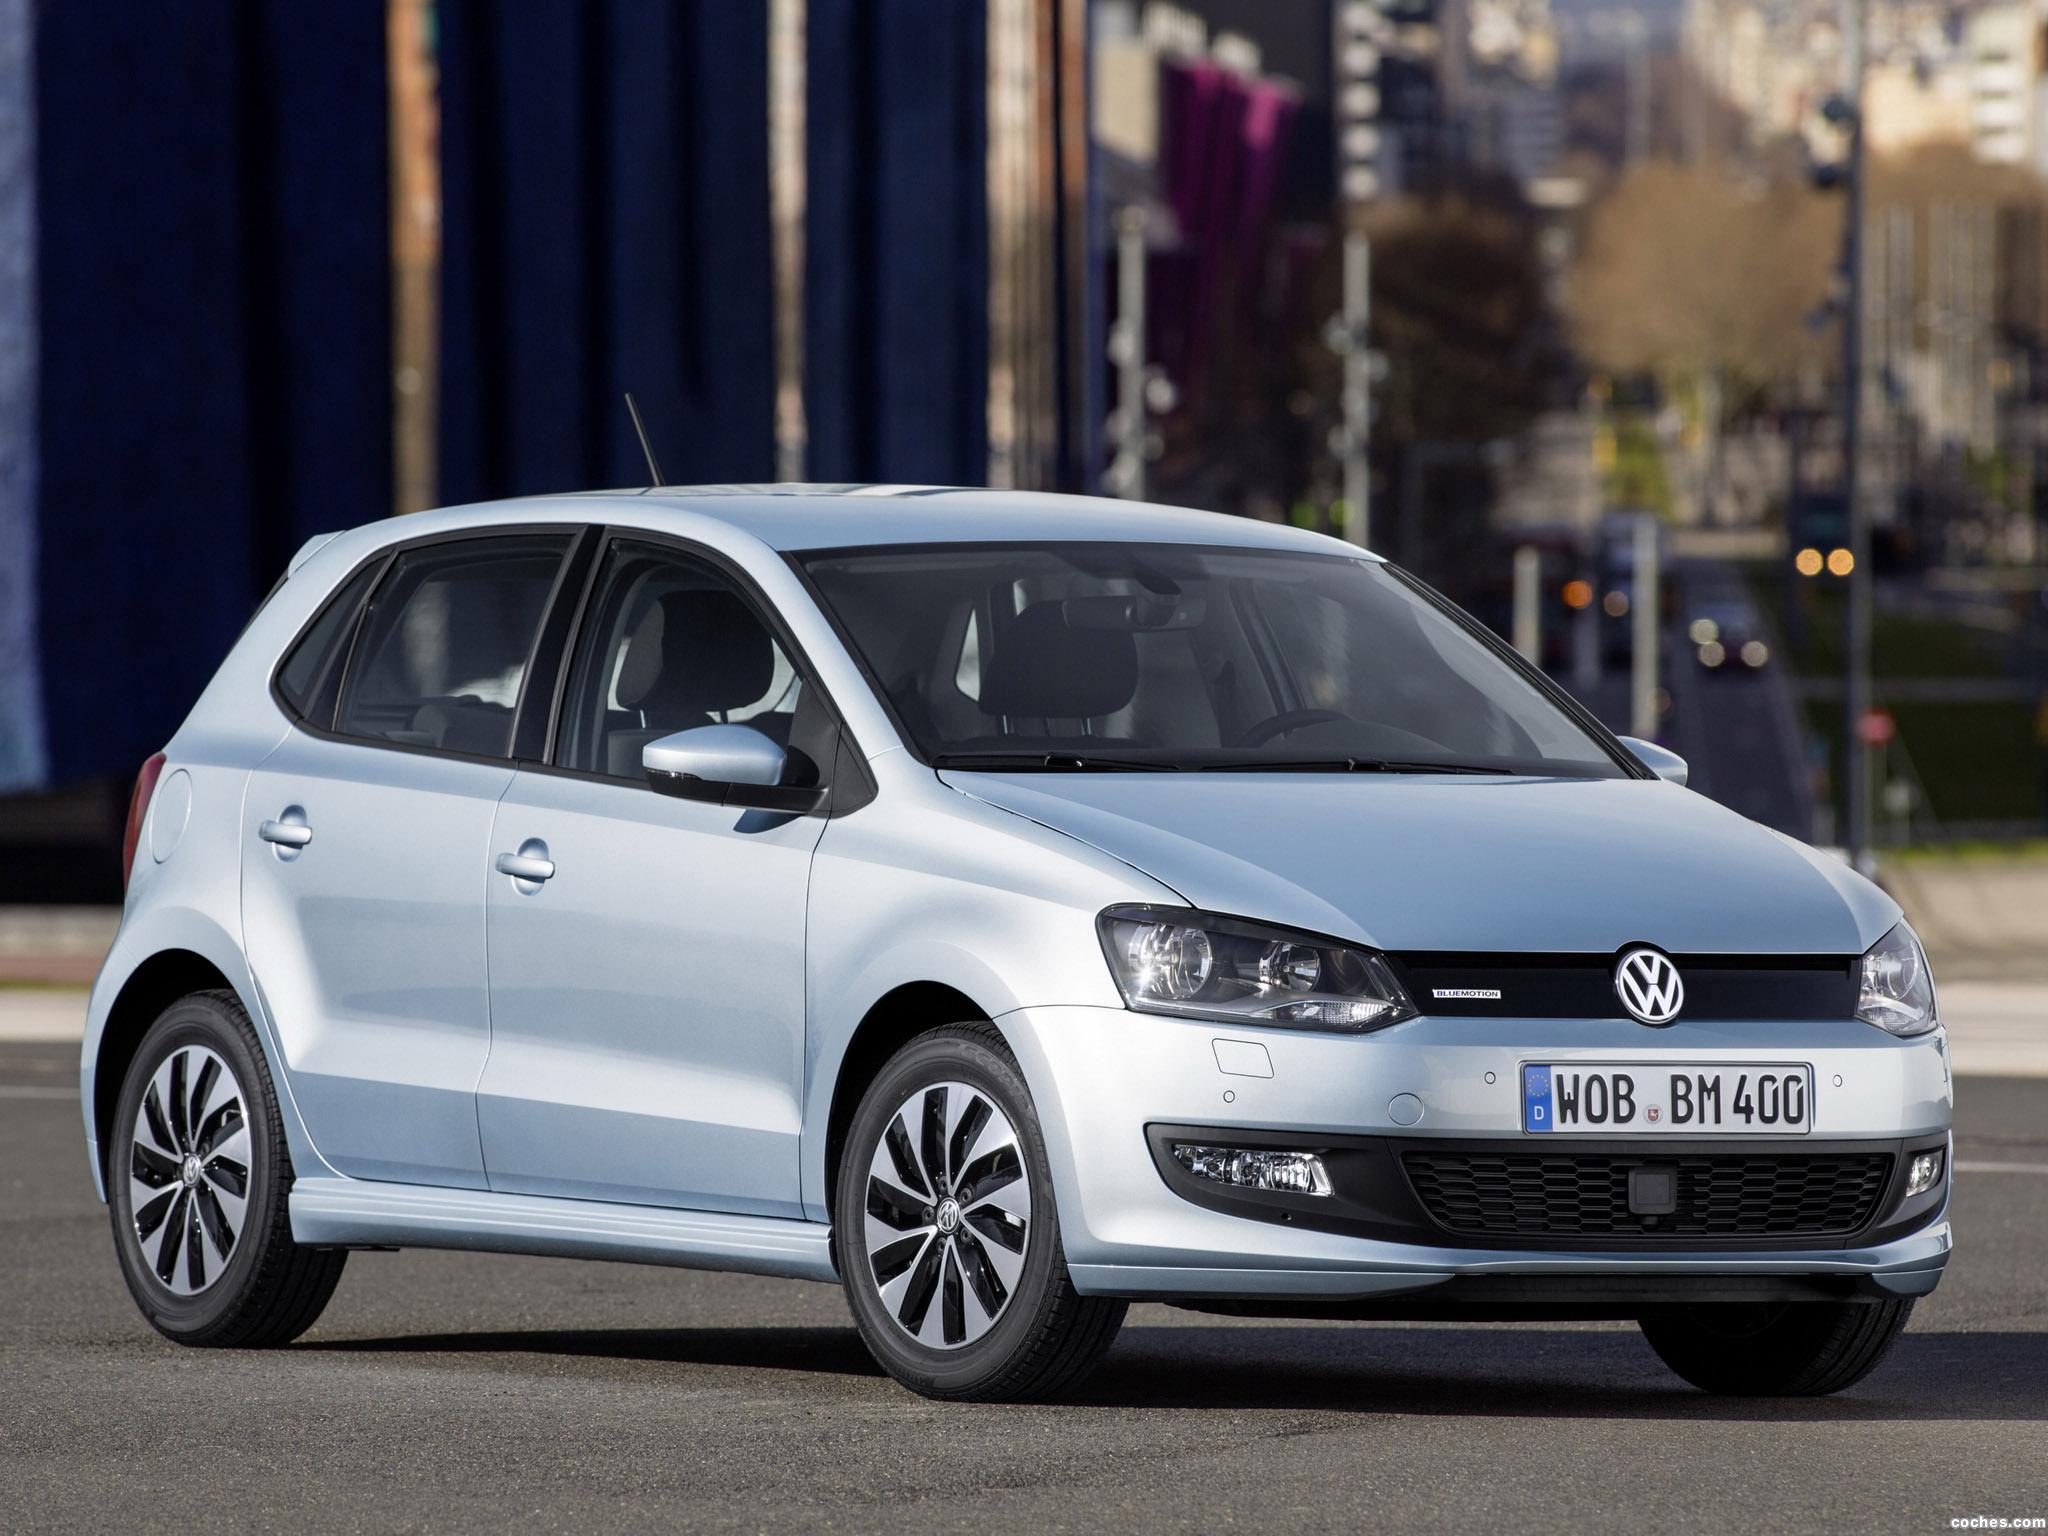 Foto 0 de Volkswagen Polo BlueMotion 5 puertas 2014